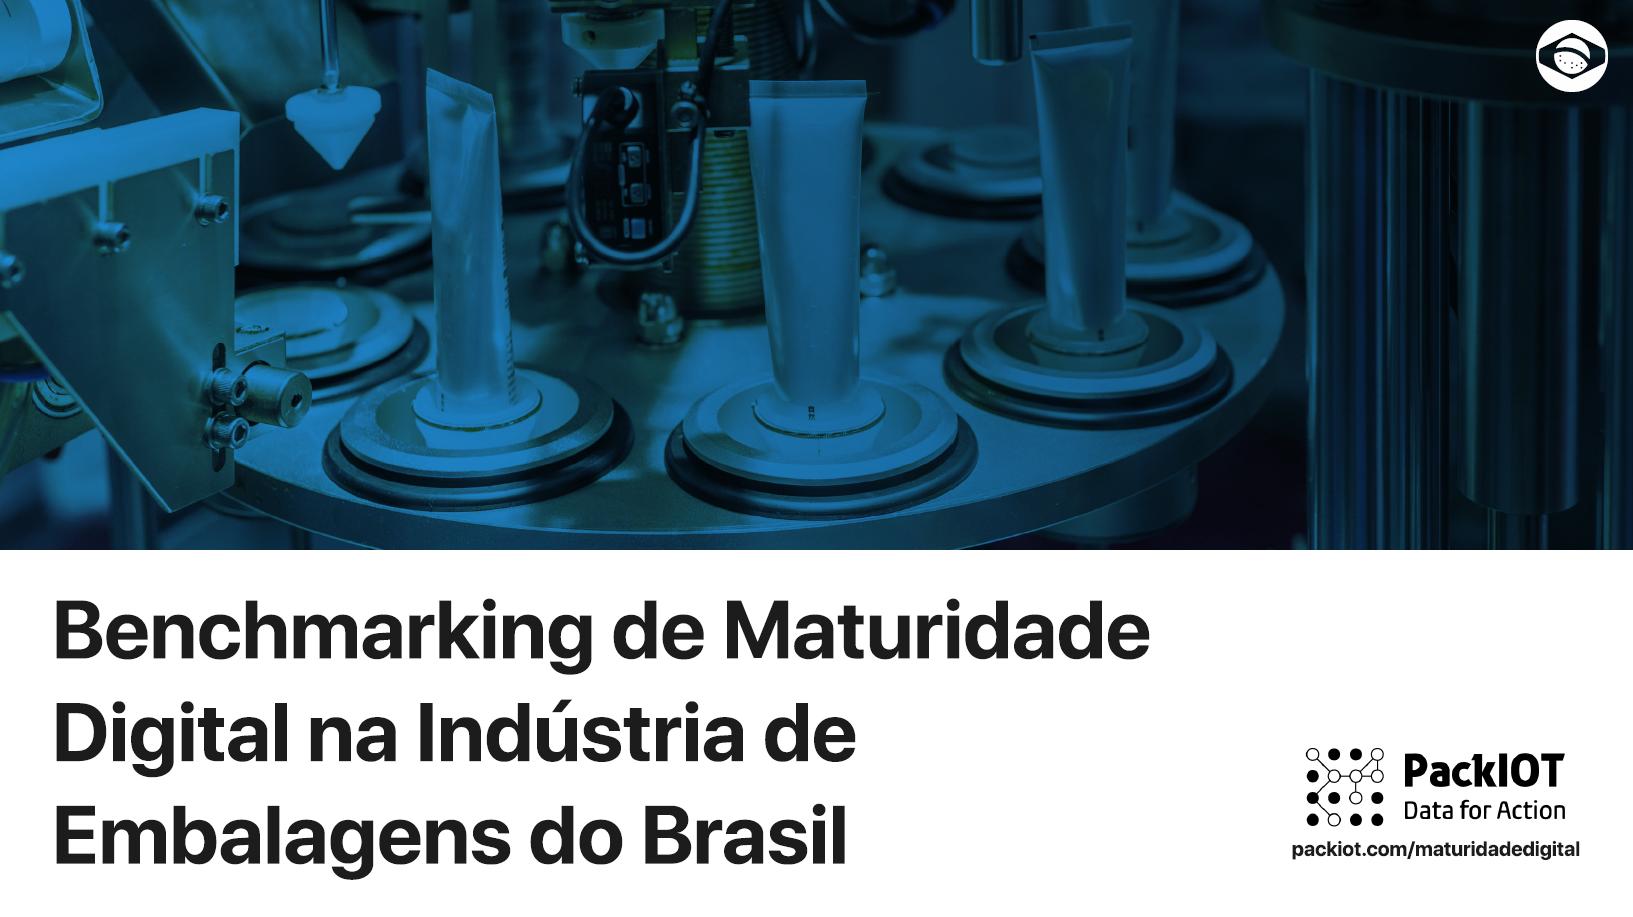 Maturidade Digital na Indústria de Embalagens do Brasil tem um longo caminho a percorrer, diz estudo nacional